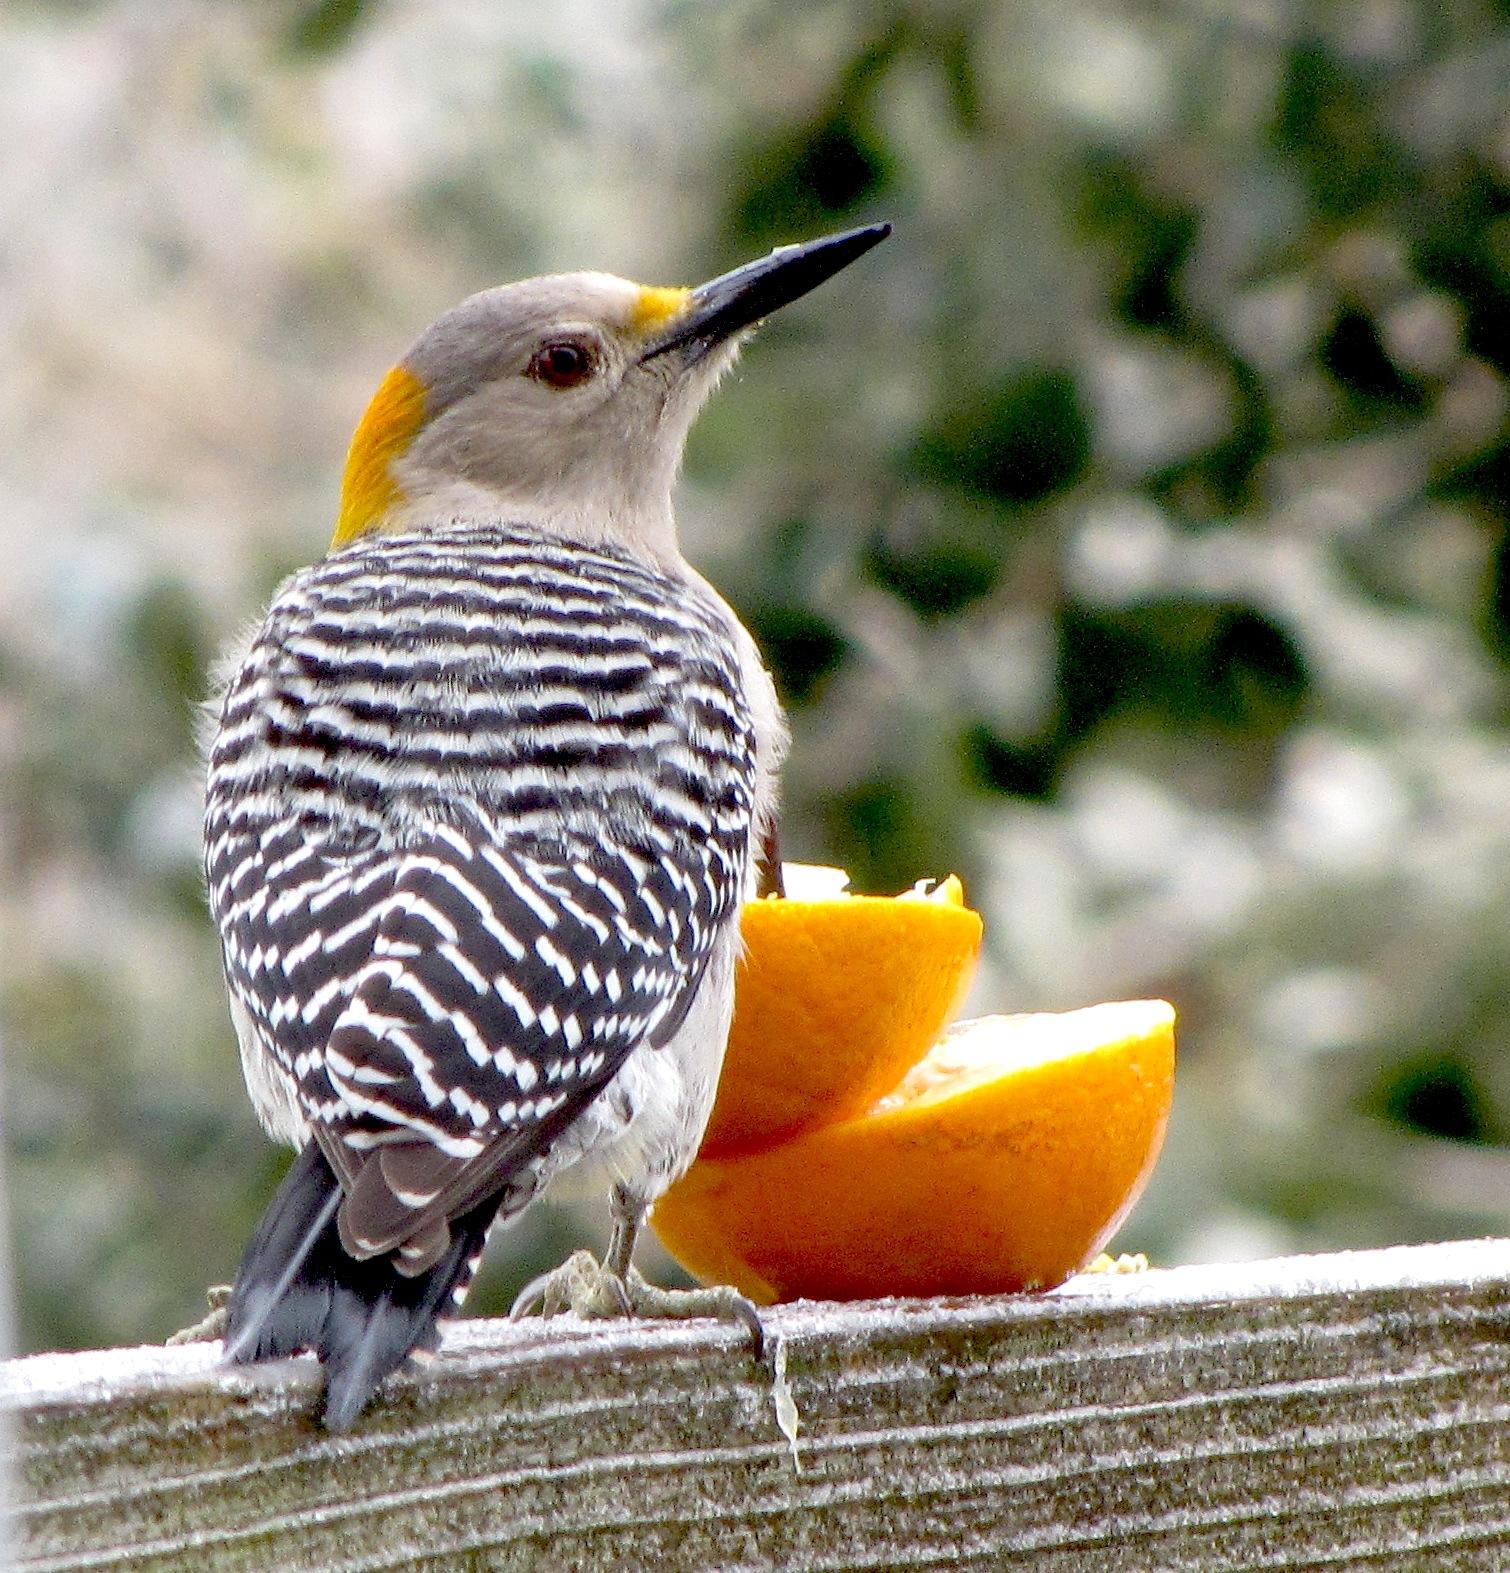 Arroyo Colorado Riverblog: Backyard Birds: This Week's